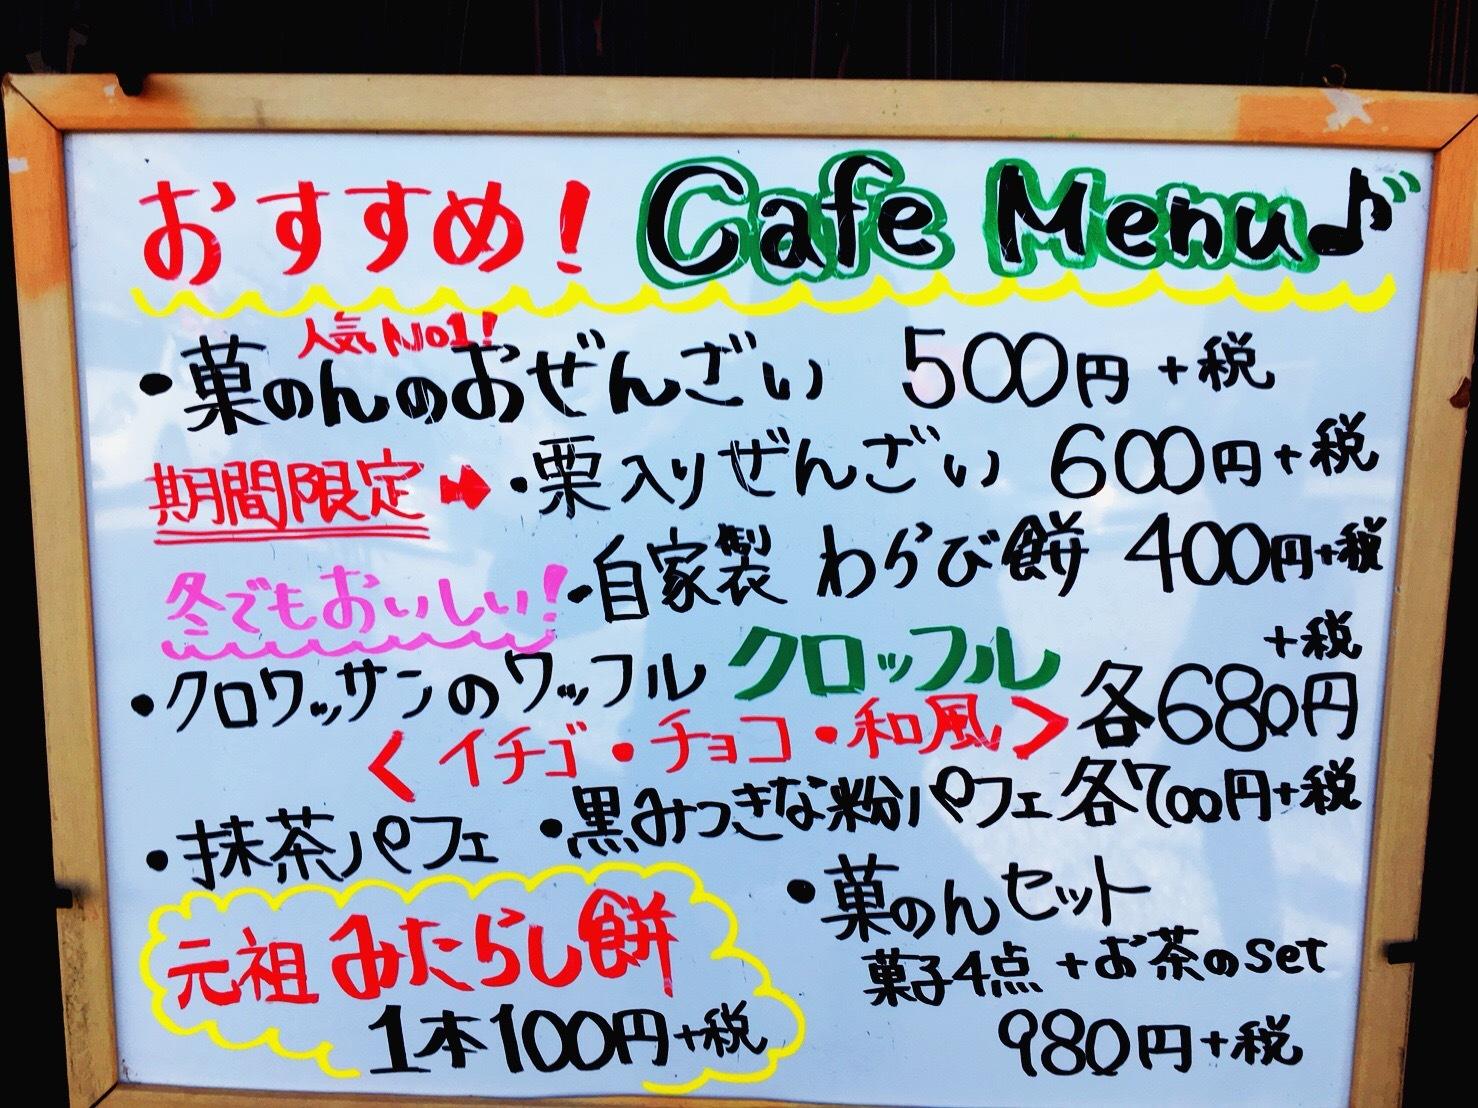 菓のんのカフェメニュー